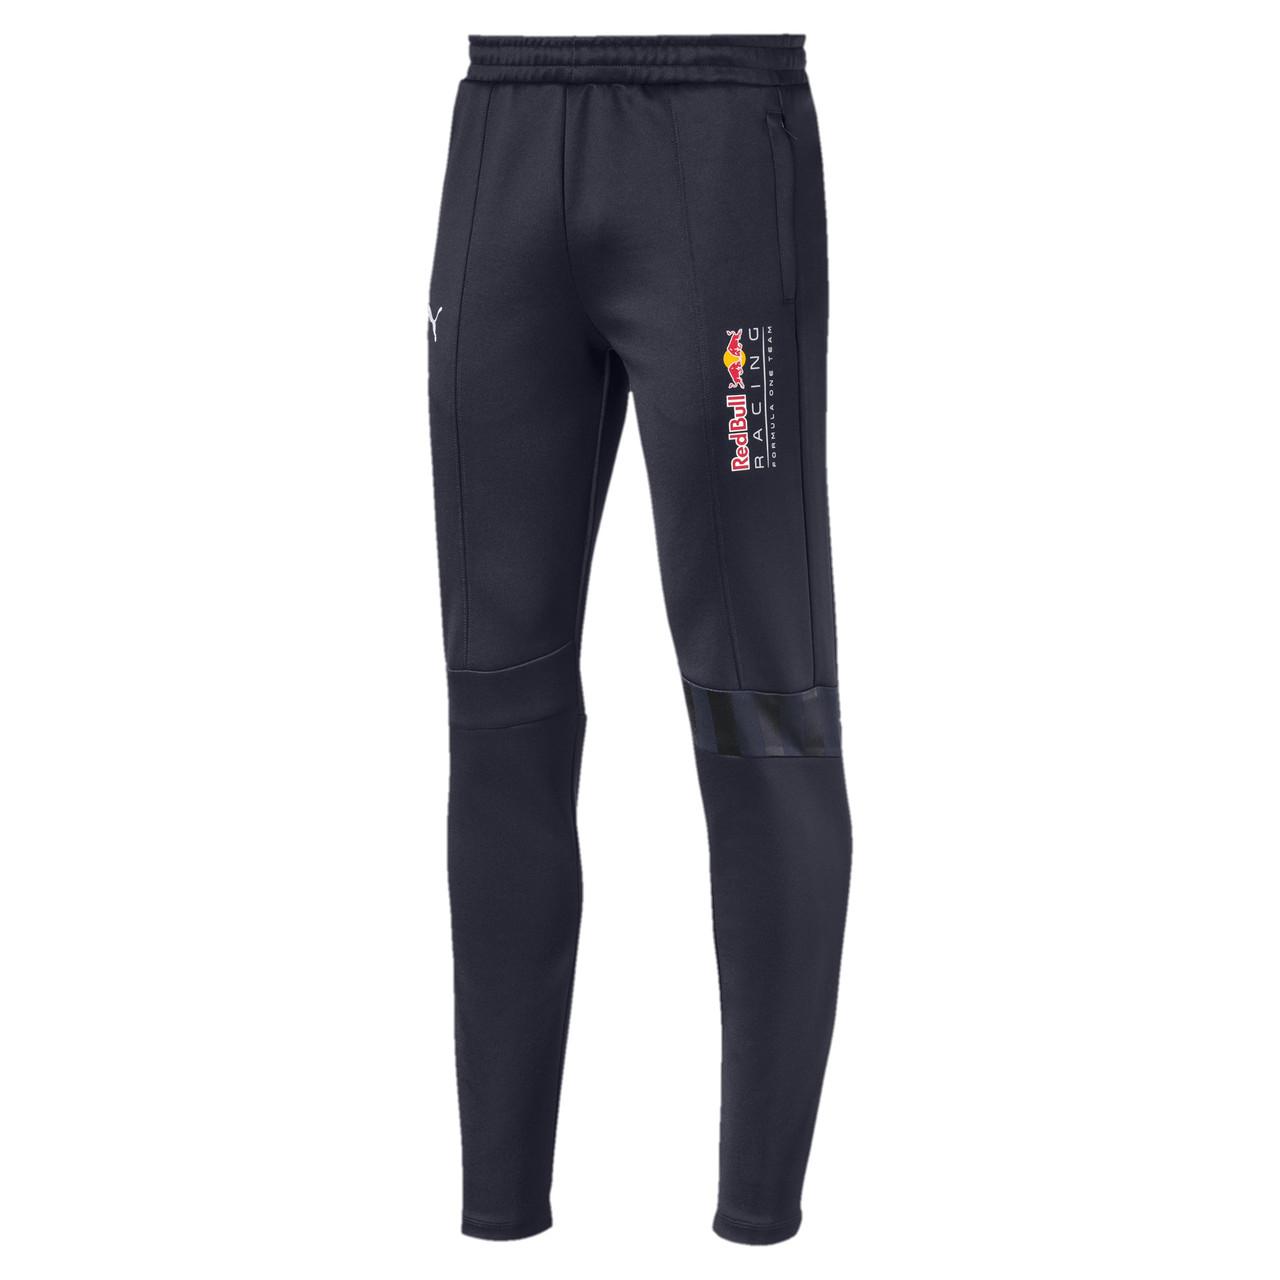 Мужские спортивные брюки Rbr T7 Track